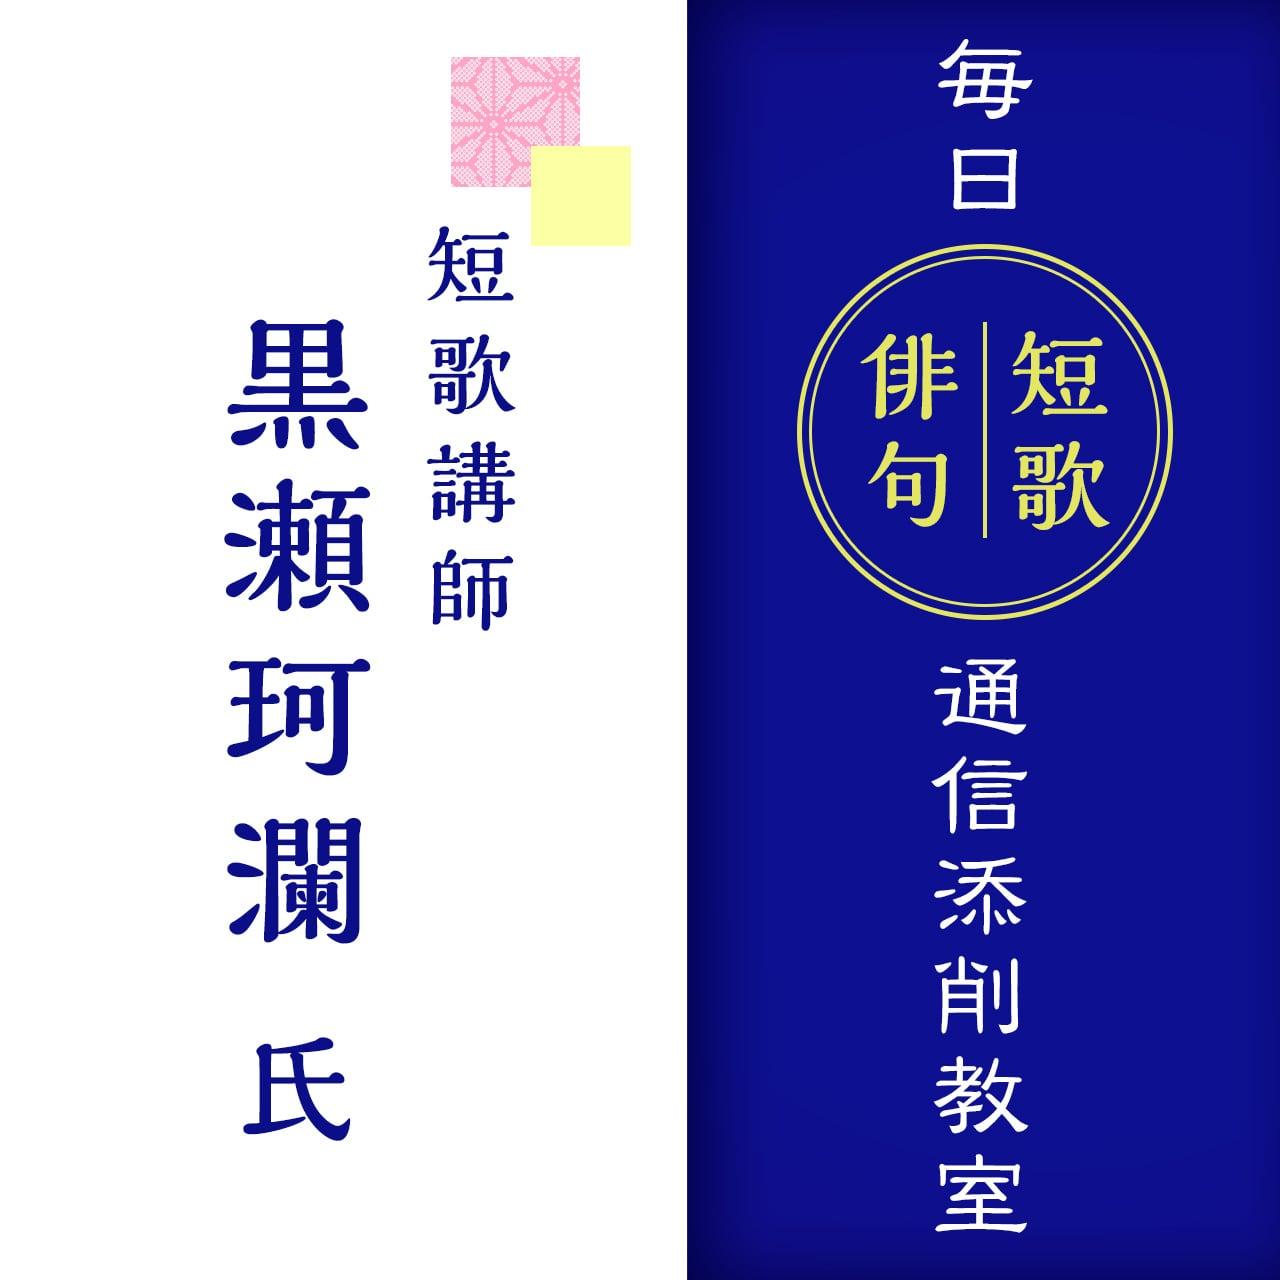 毎日短歌・俳句通信添削教室 1講座6回(6カ月) 短歌講師・黒瀬珂瀾 氏